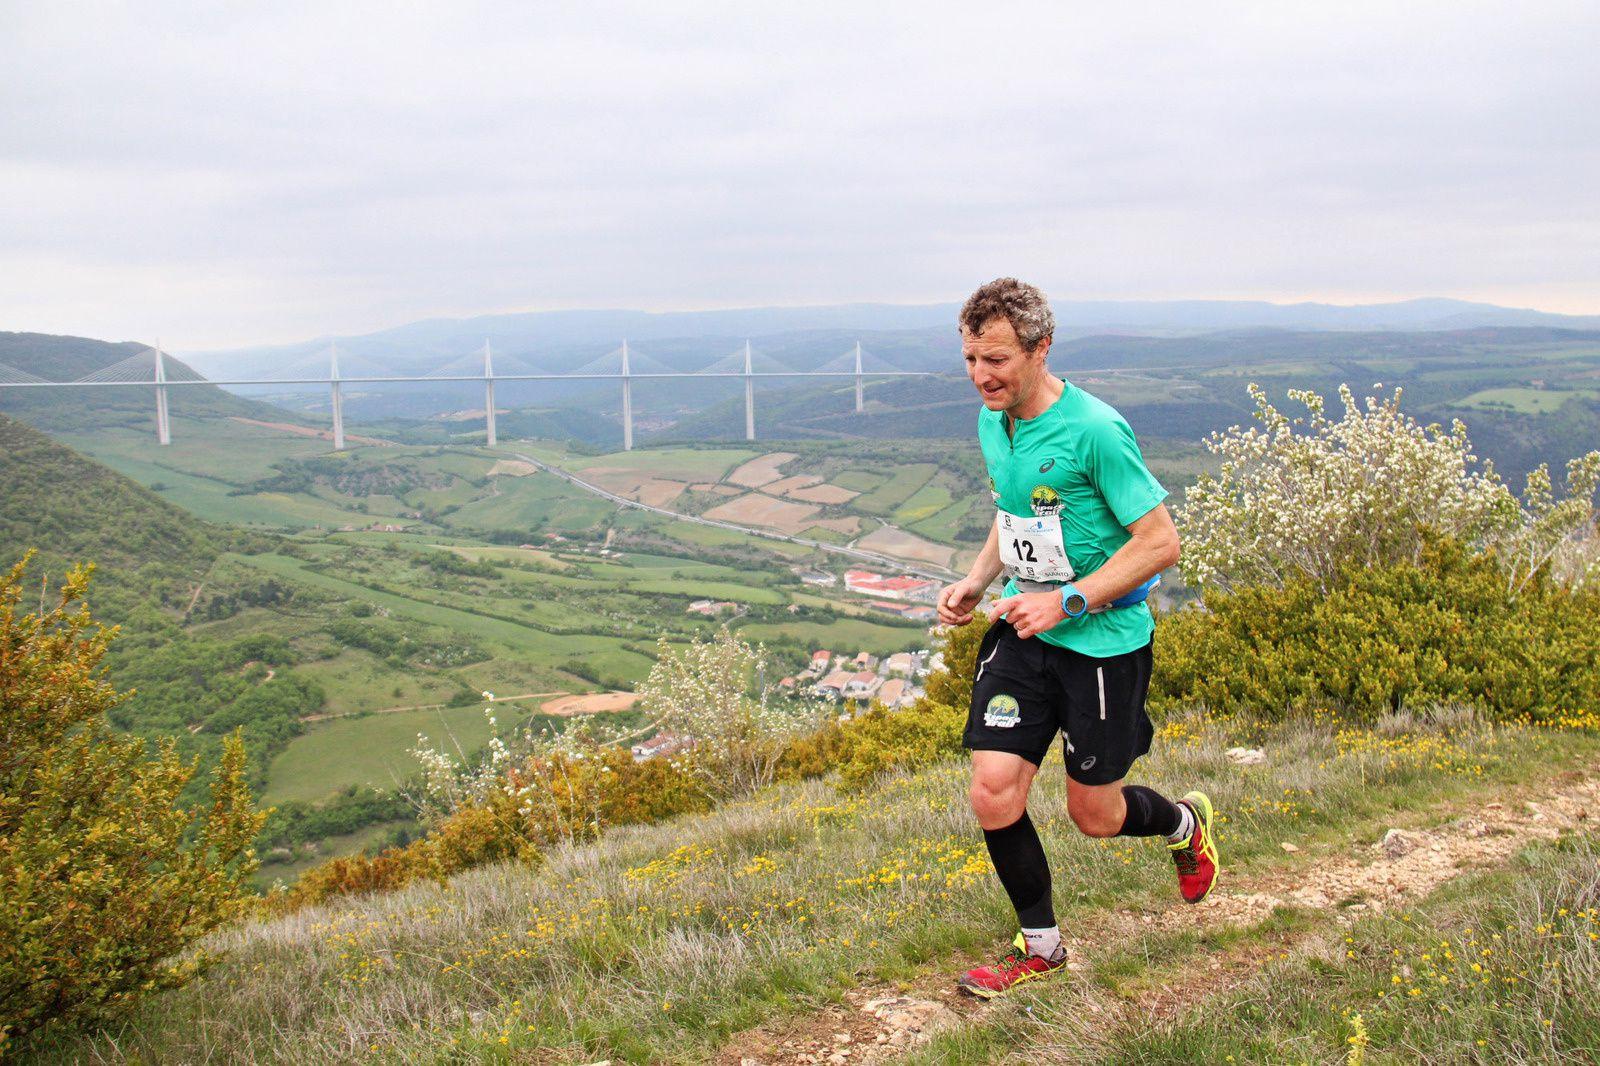 Marie-Noëlle Bourgeois et Michel Rabat vainqueurs du 42 km de la Verticausse